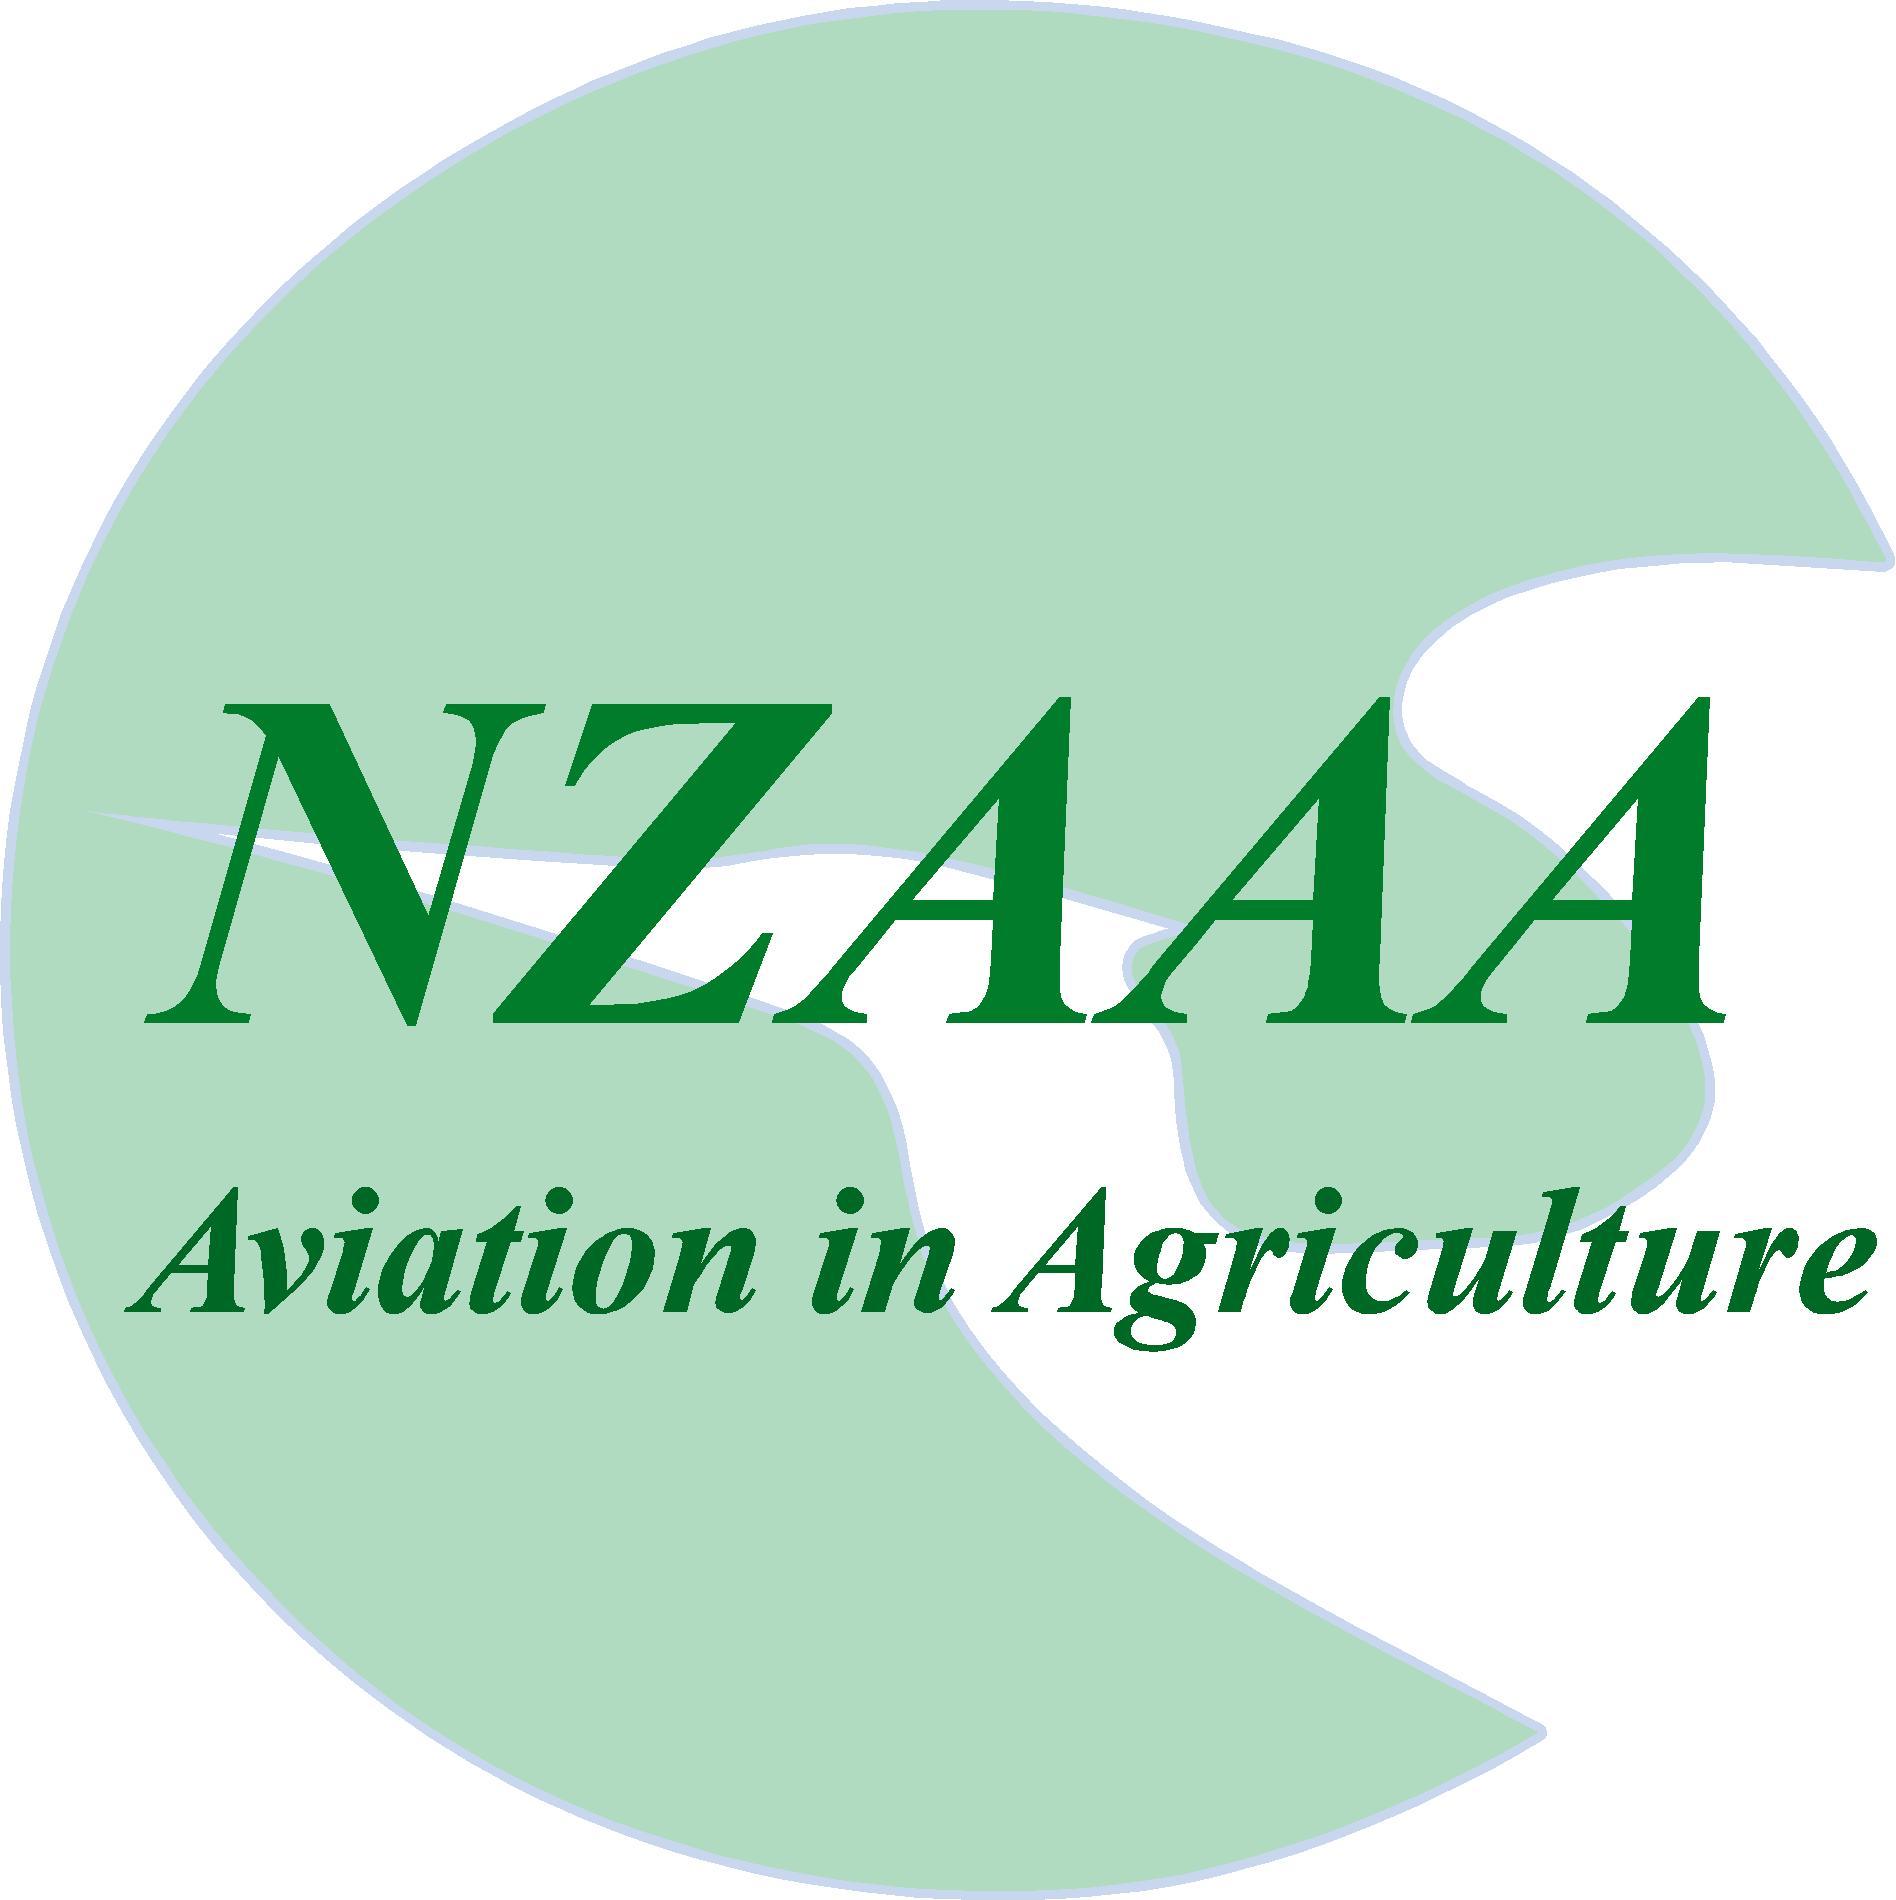 nzaaa logo